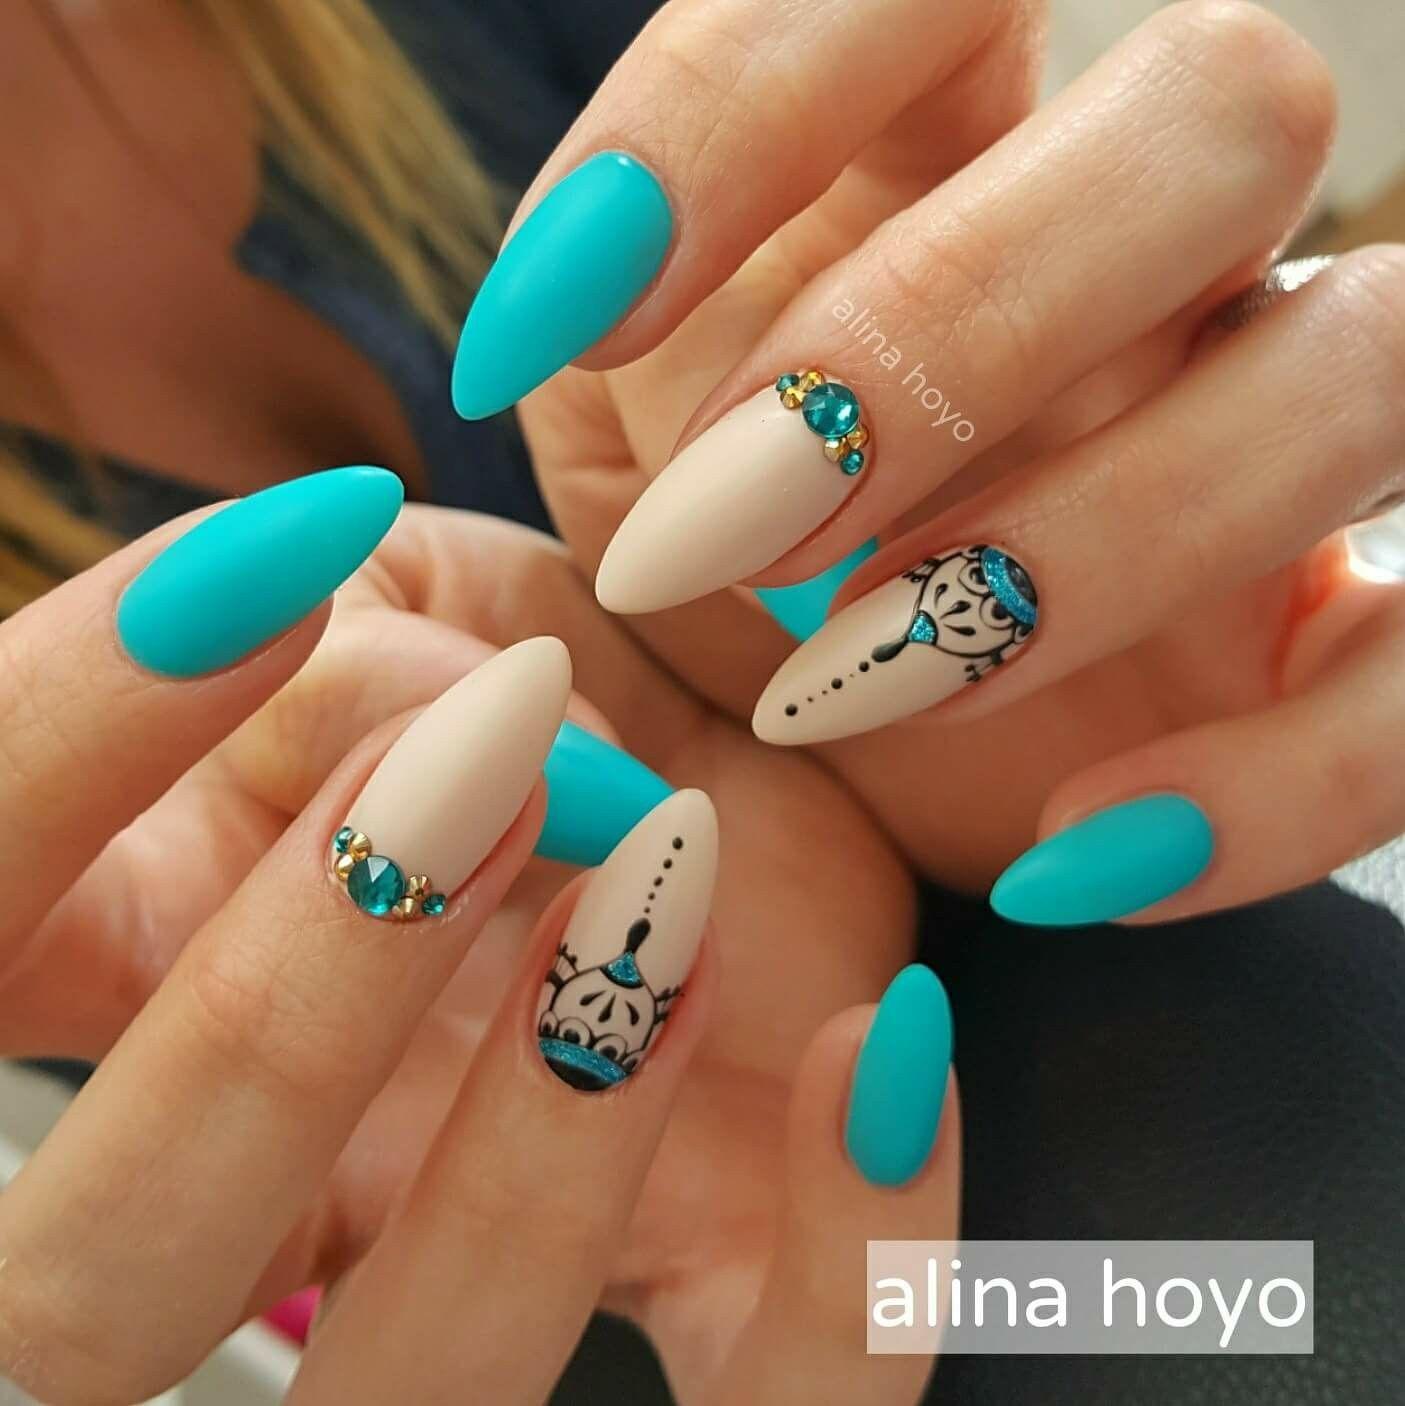 Pin von MacKenzie Miller auf Nails!! | Pinterest | Nageldesign ...